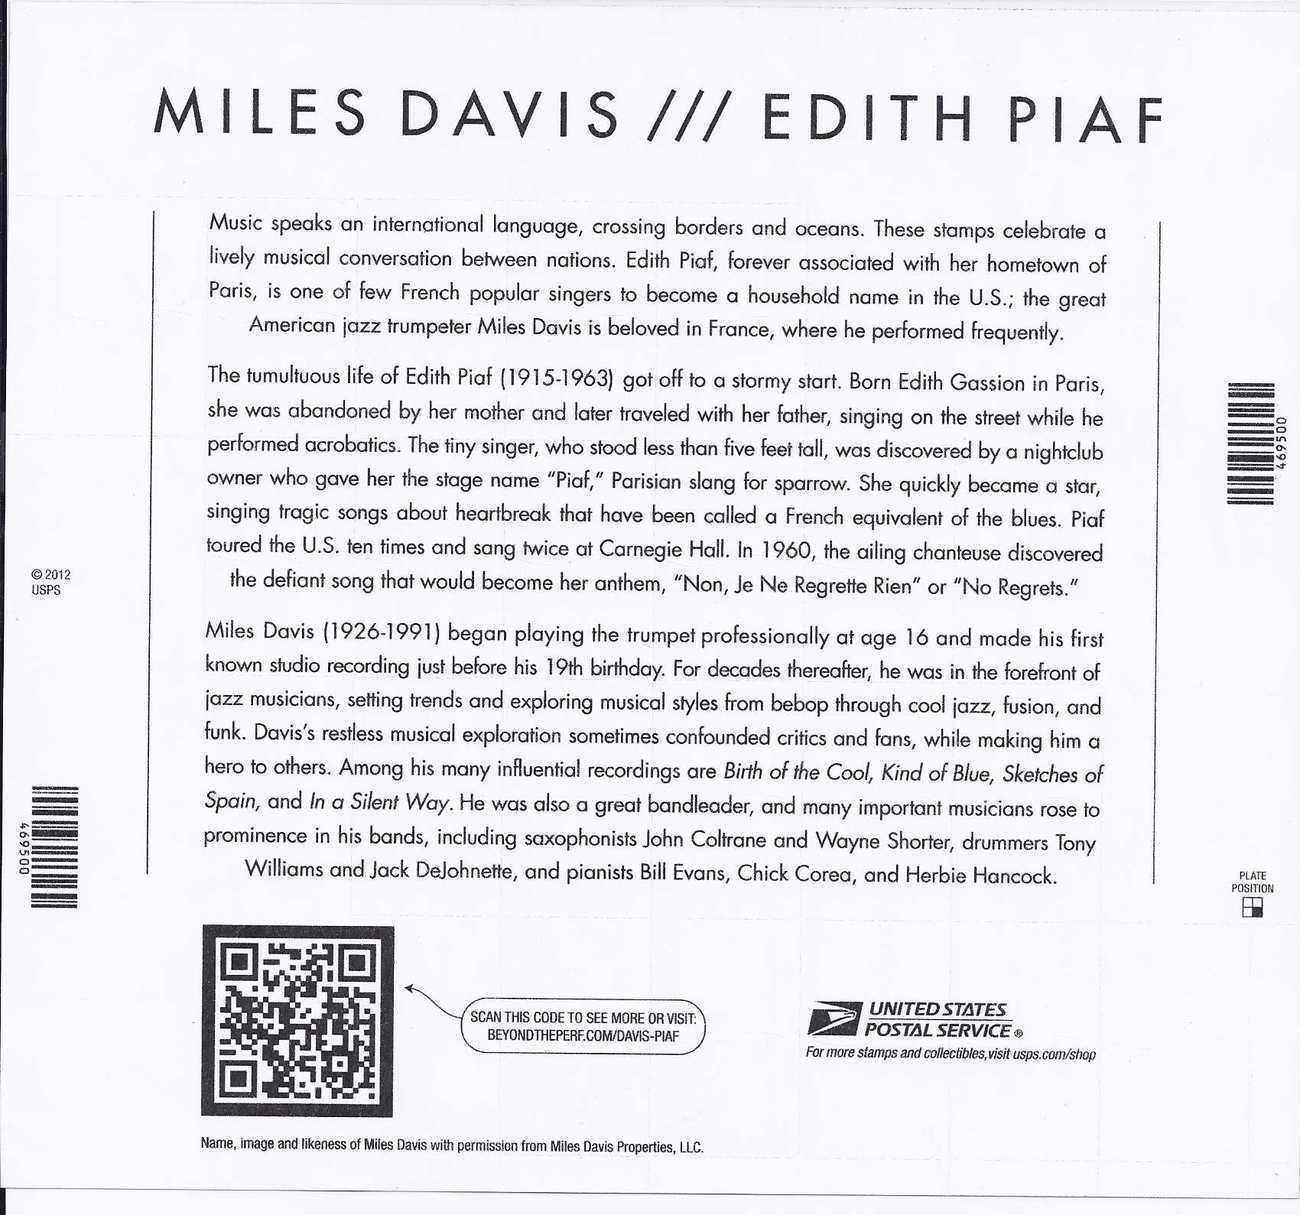 MILES DAVIS / EDITH PIAF - (USPS) MINT SHEET 20 FOREVER STAMPS 2012